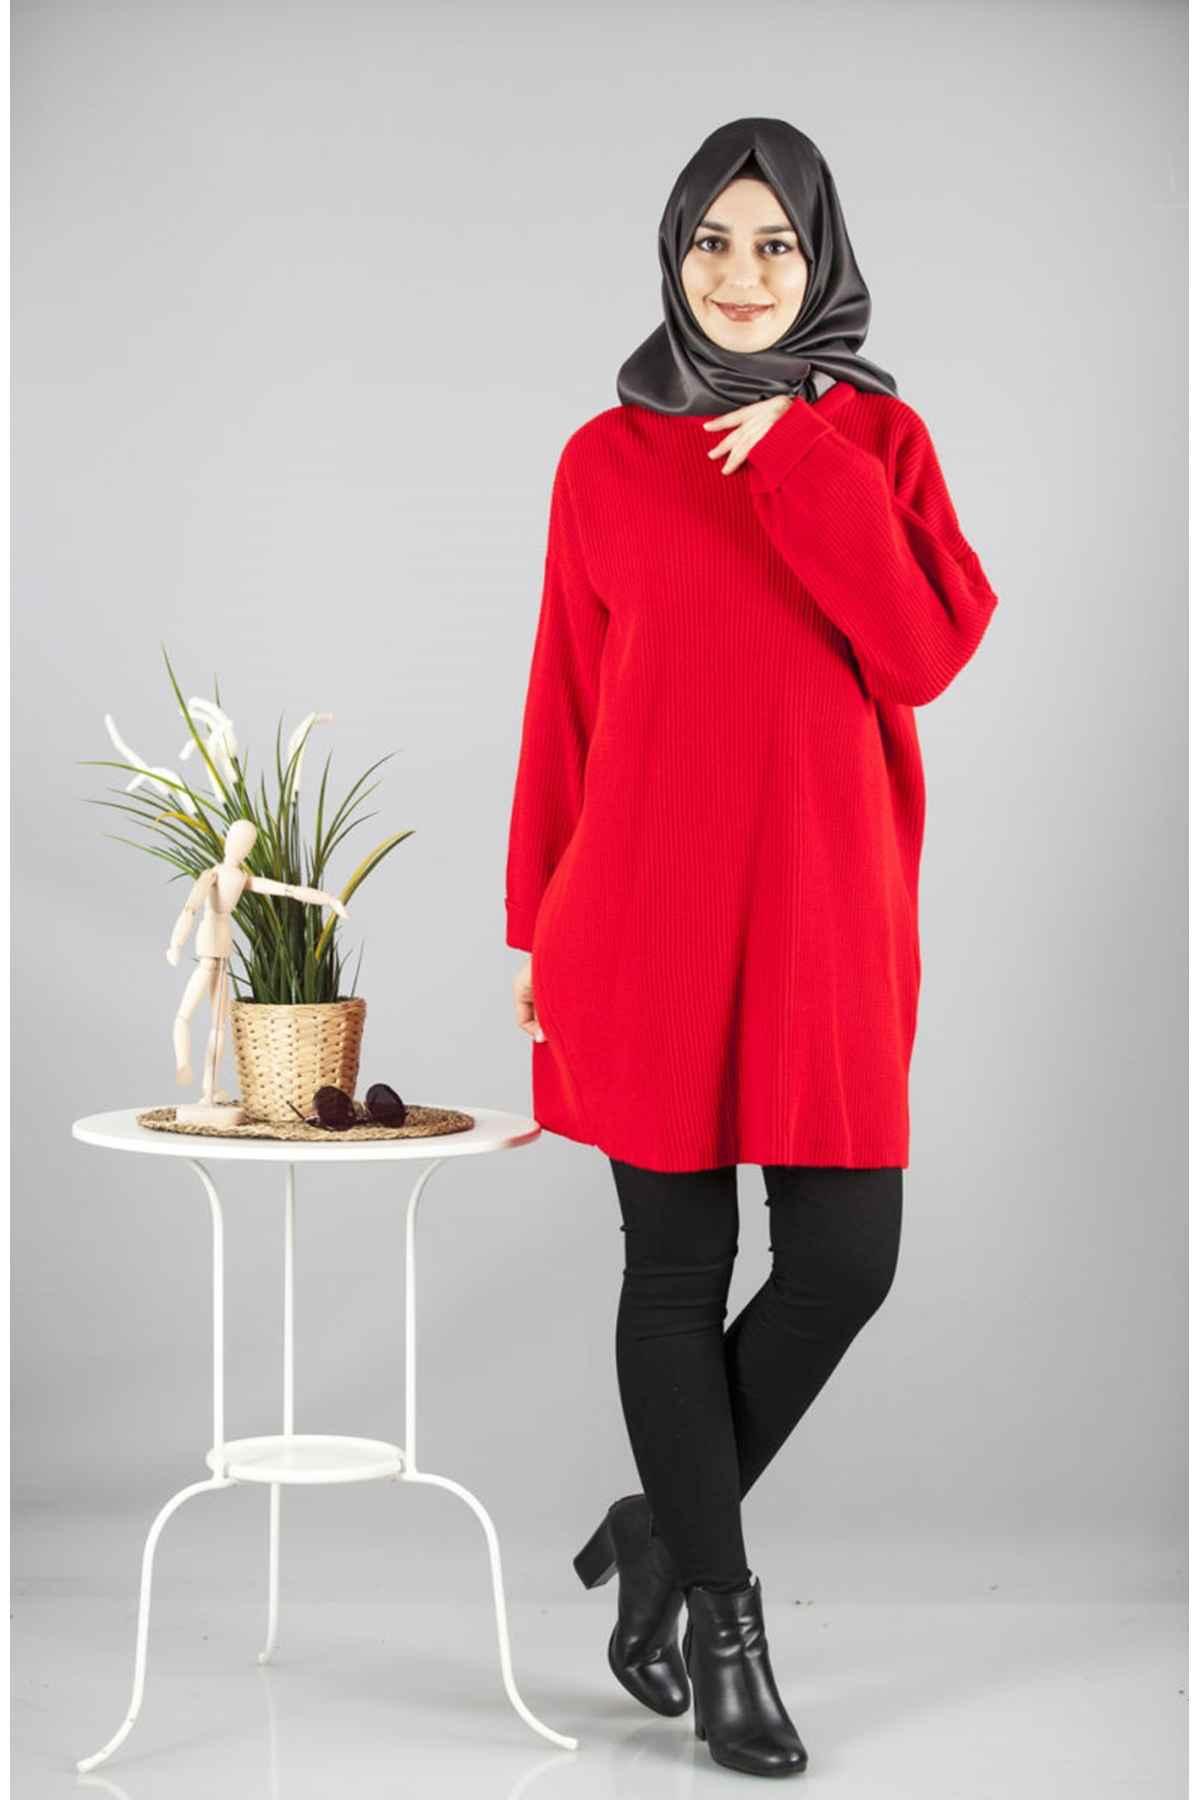 Kırmızı Renkli Patırtı Tesettür Tunik Modelleri